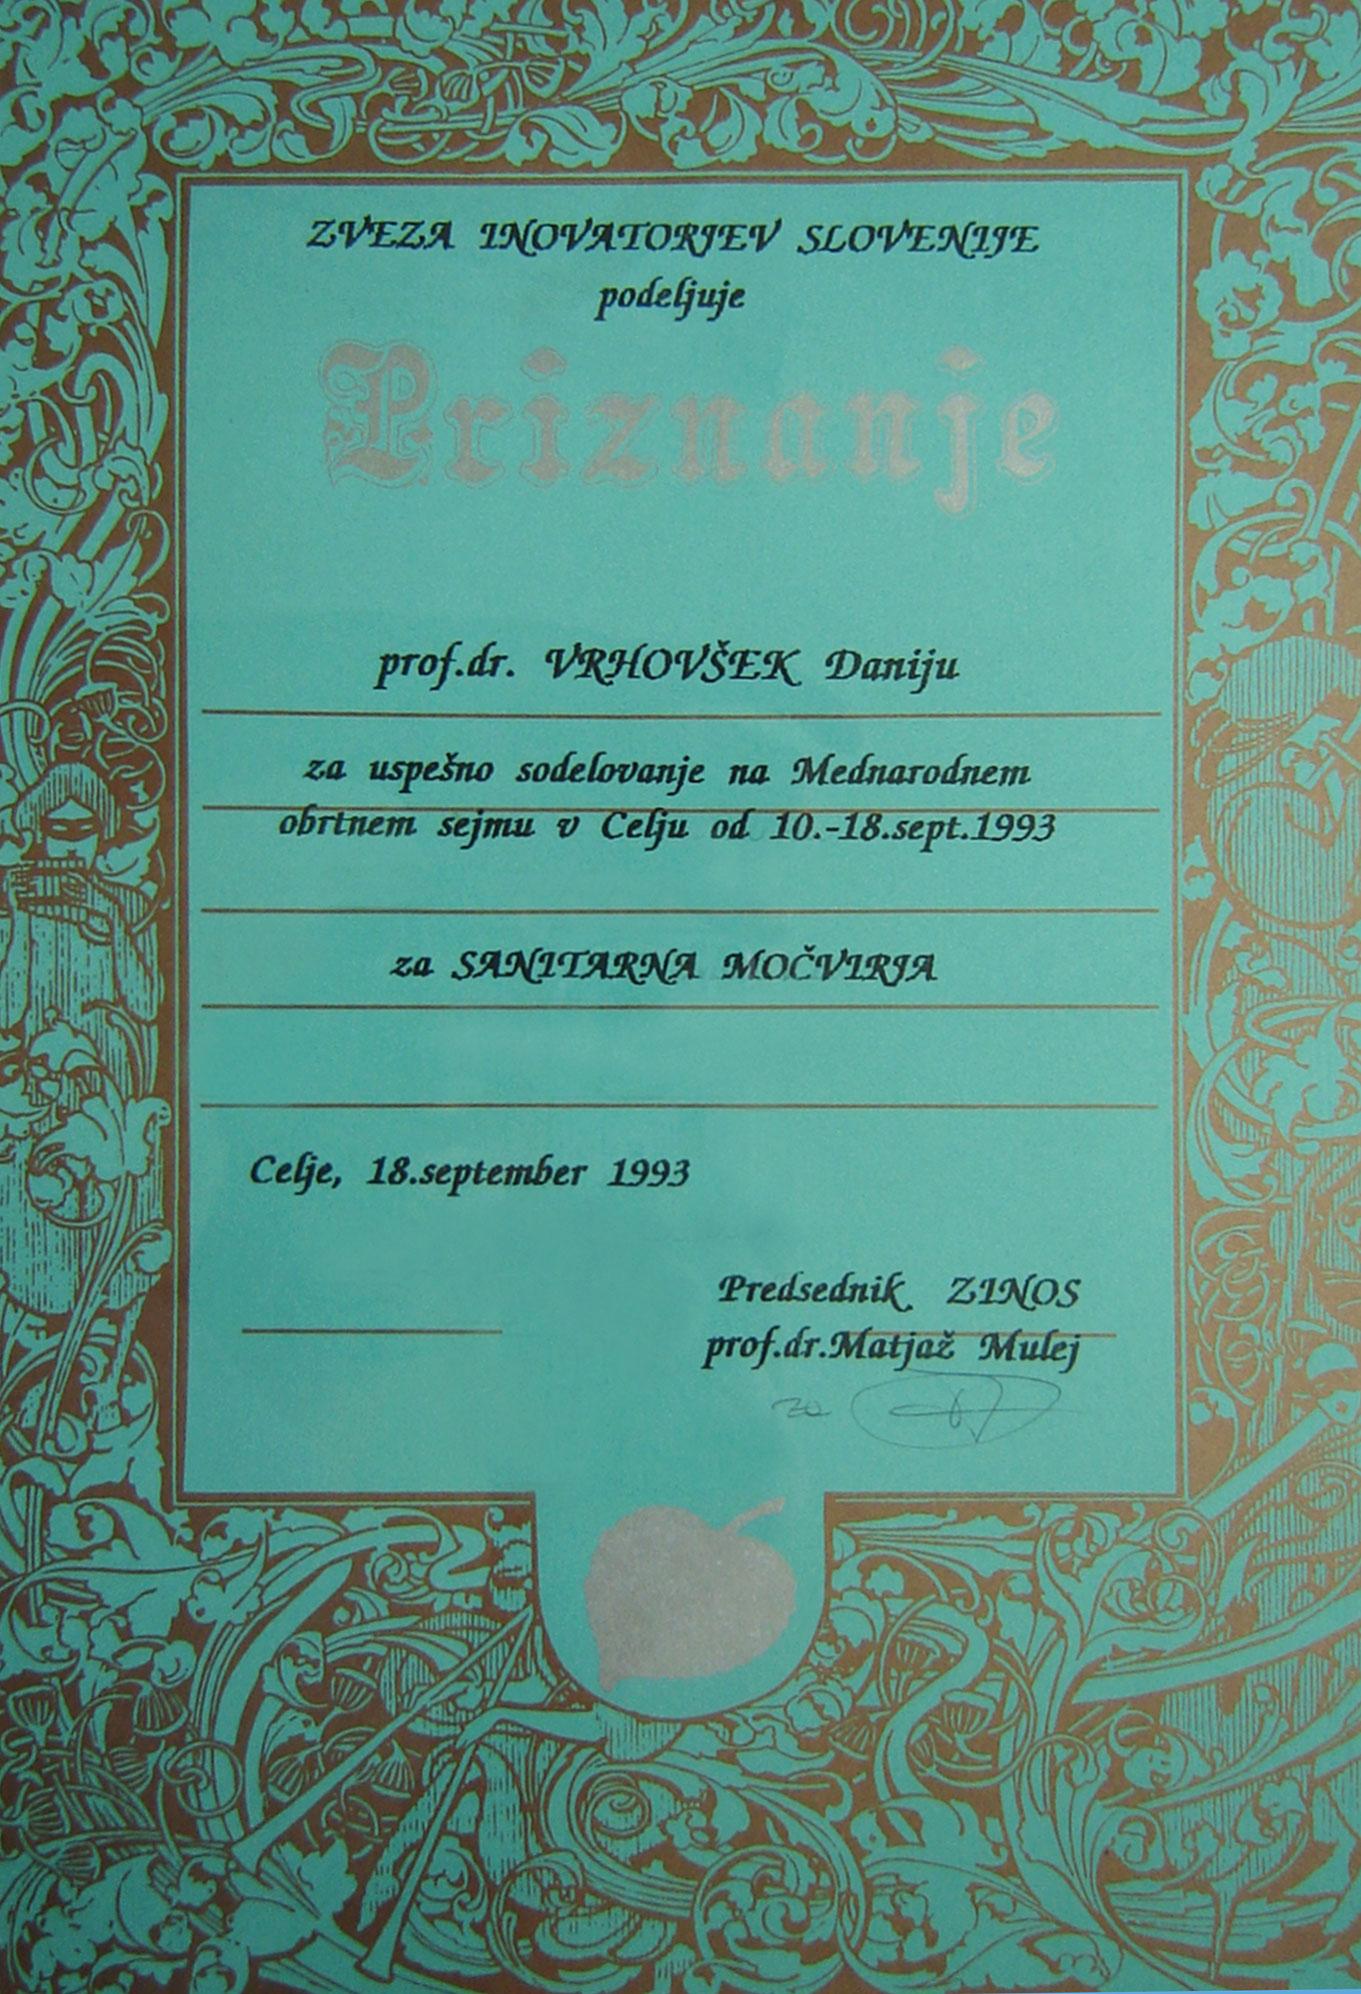 Priznane Zveza inovatorjev Slovenije 1993